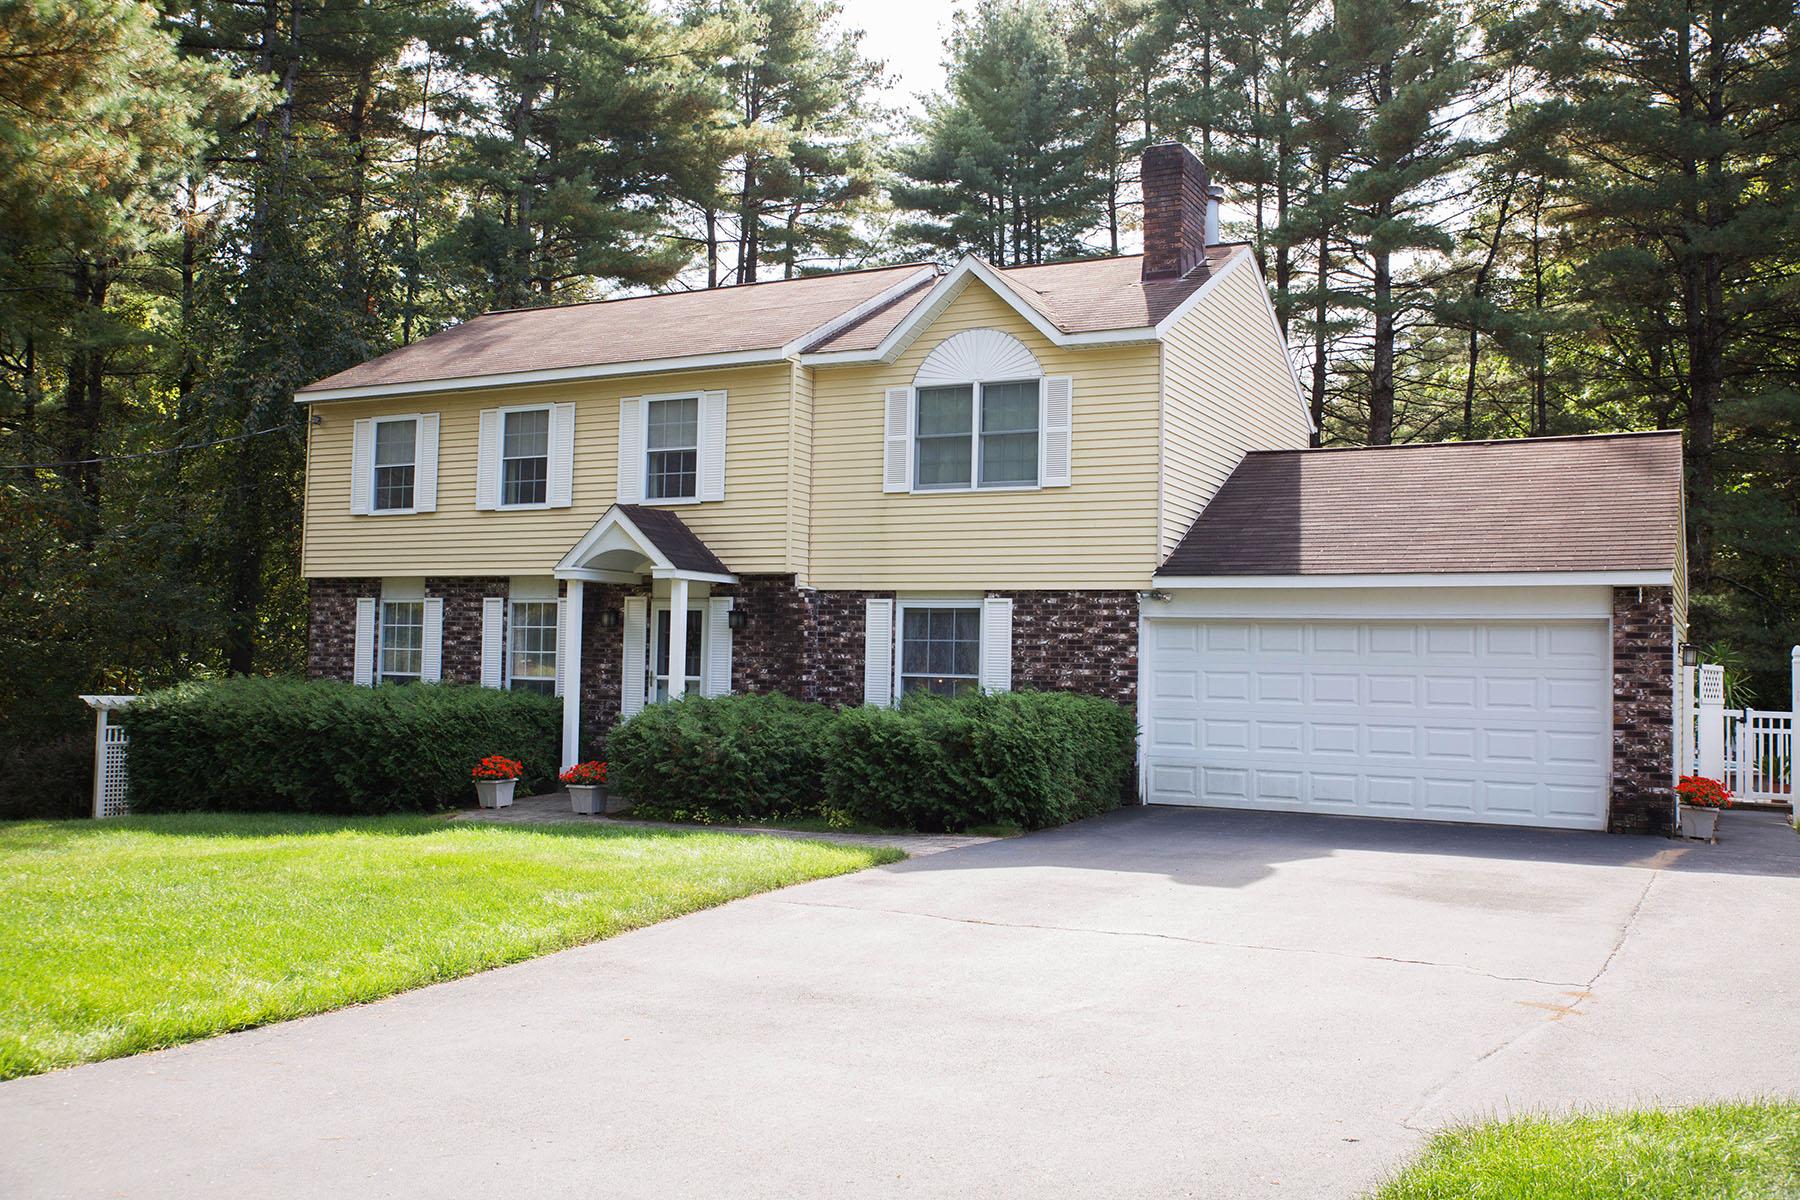 Nhà ở một gia đình vì Bán tại Well Maintained Colonial Close 2 Downtown Saratoga 9 Round Table Rd Saratoga Springs, New York 12866 Hoa Kỳ